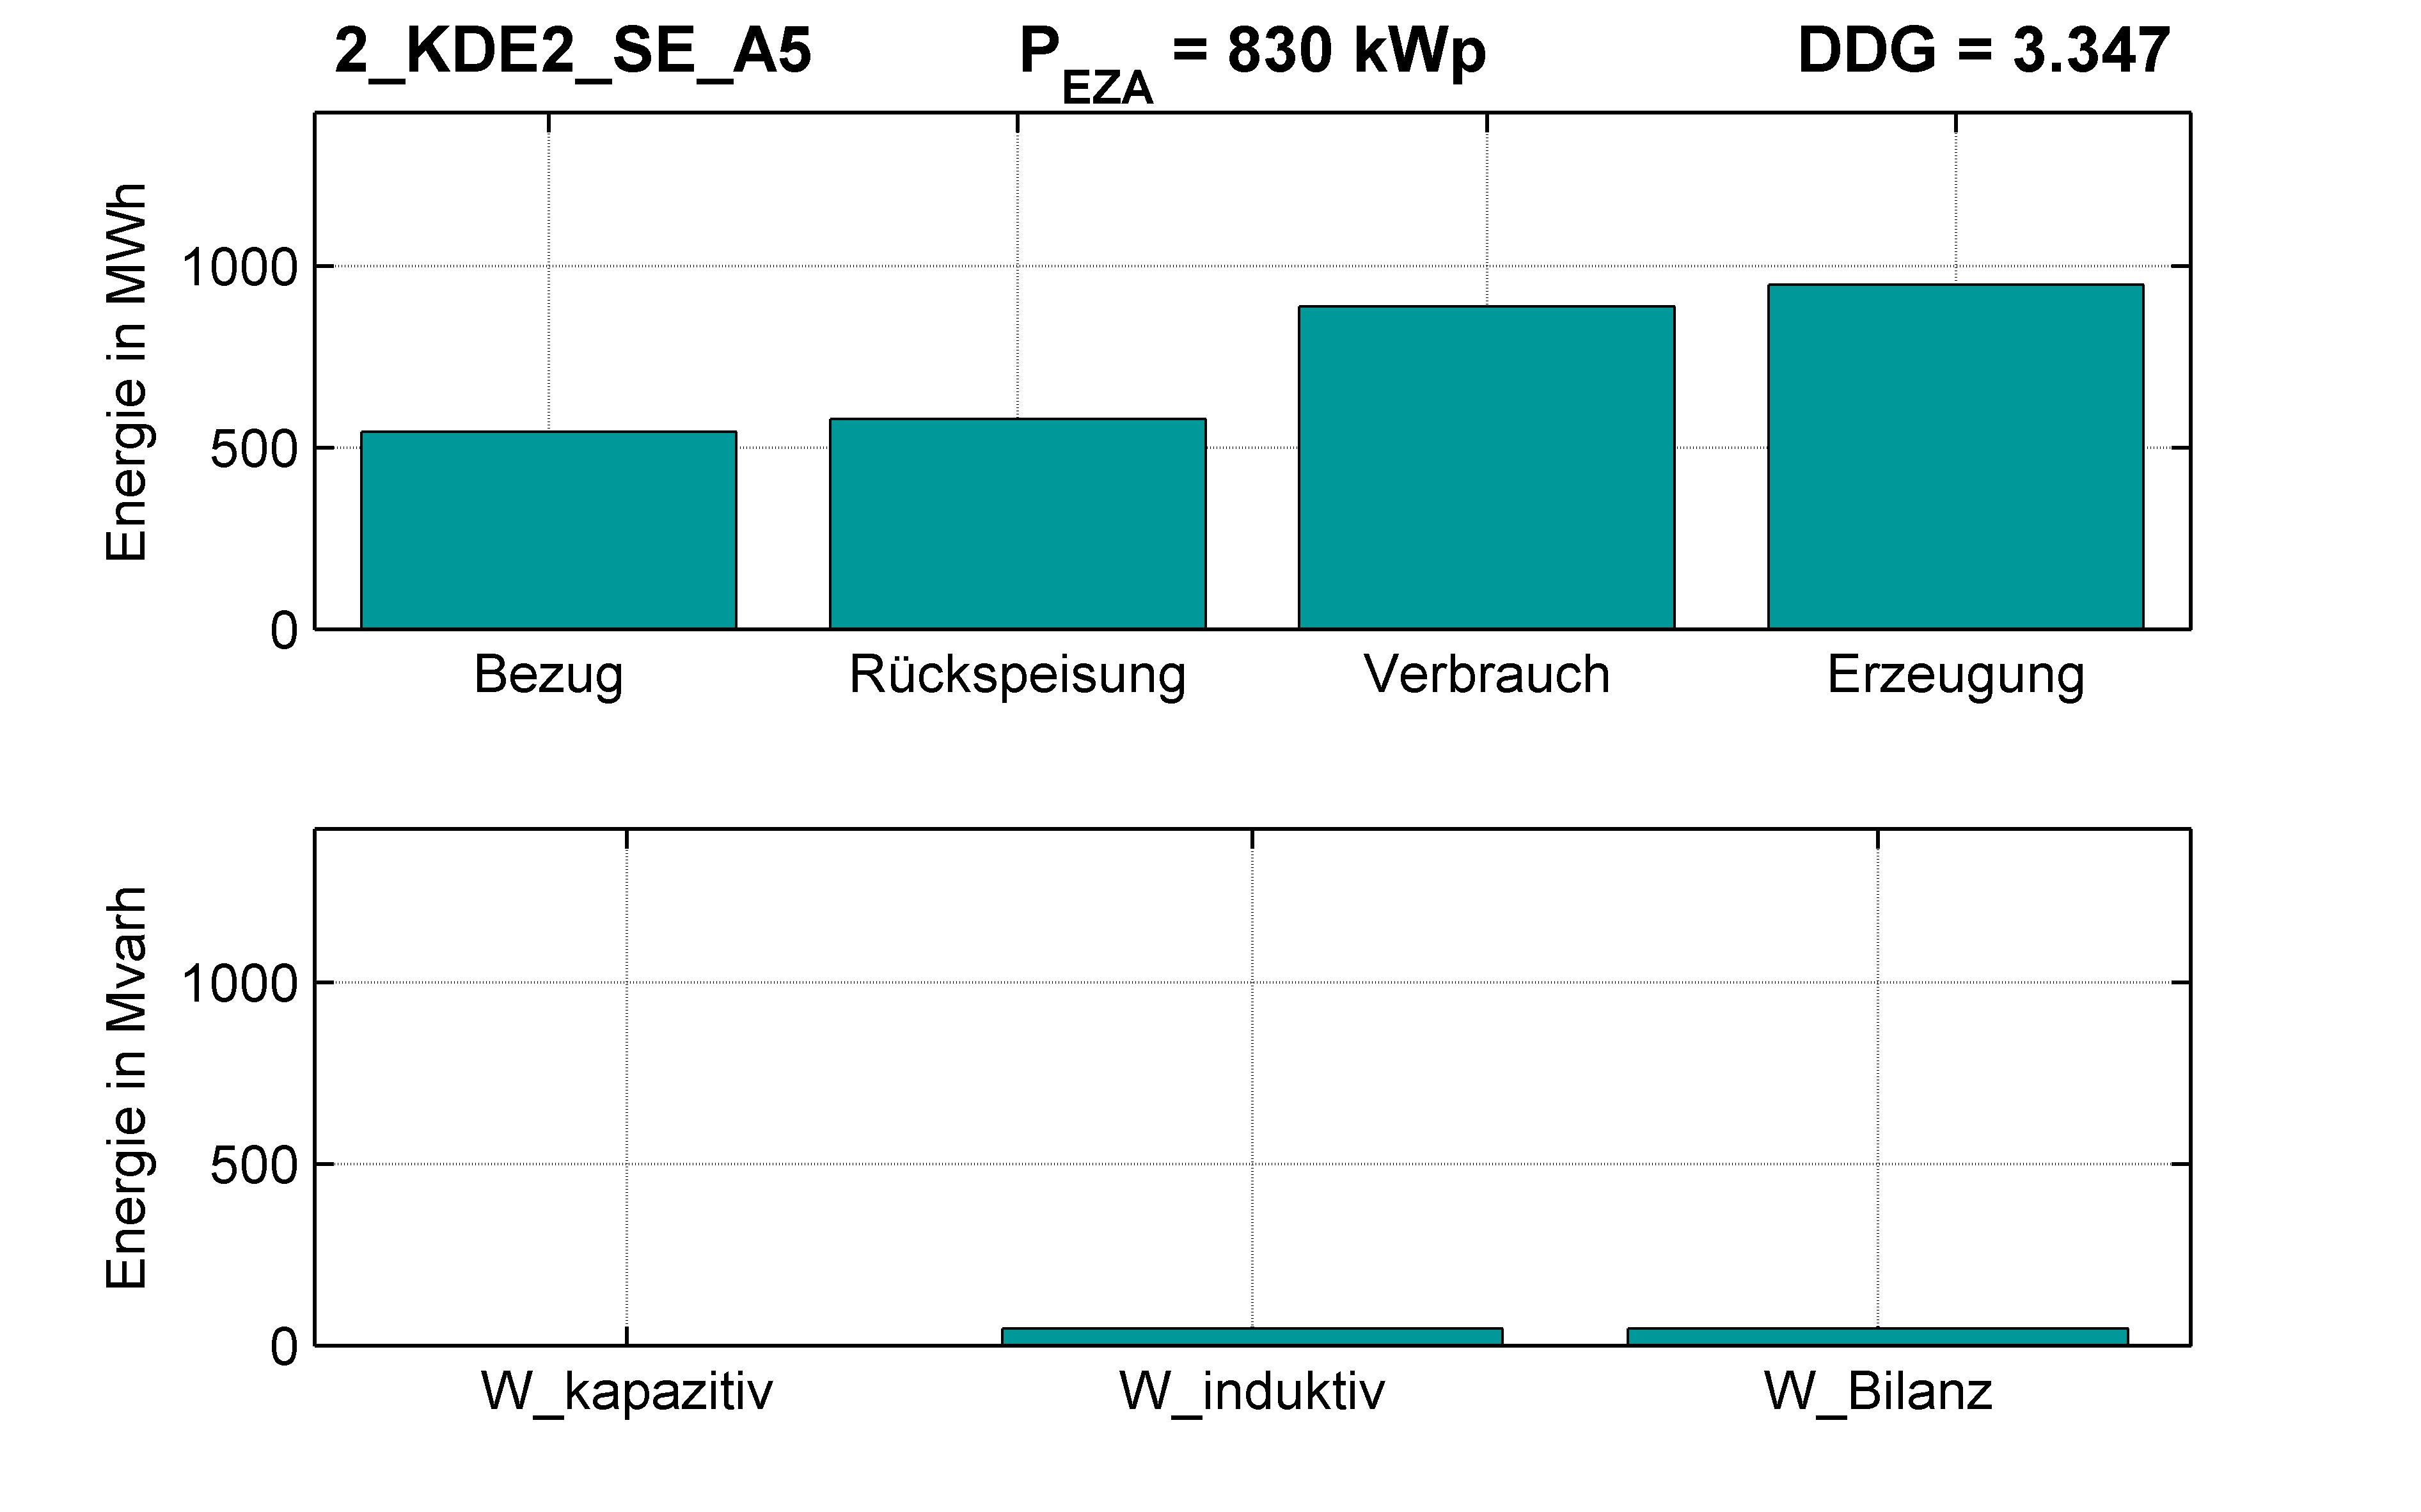 KDE2 | P-Kappung 85% (SE) A5 | PQ-Bilanz